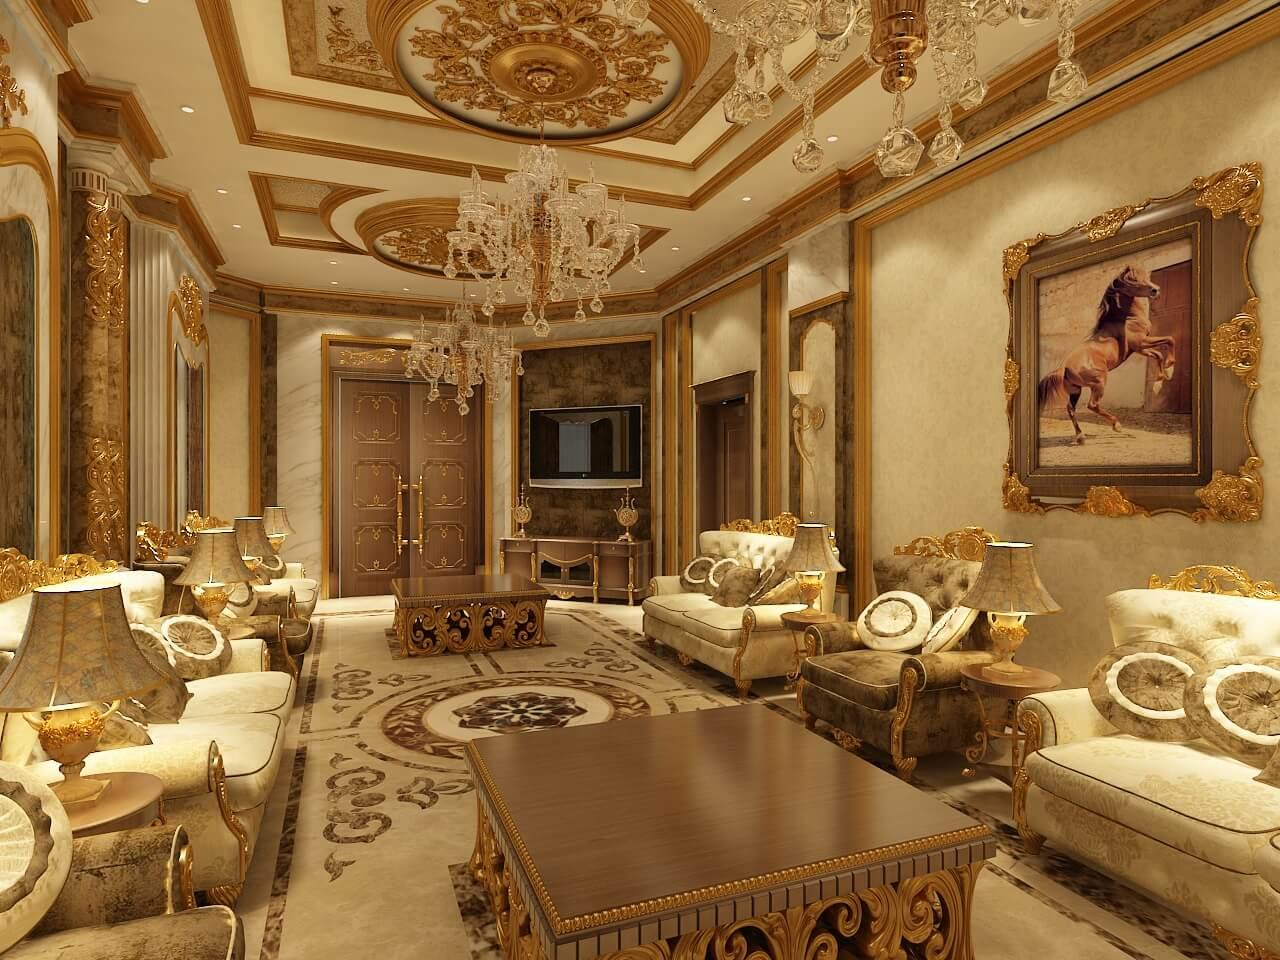 Private Villa, Emirates Hills - 11